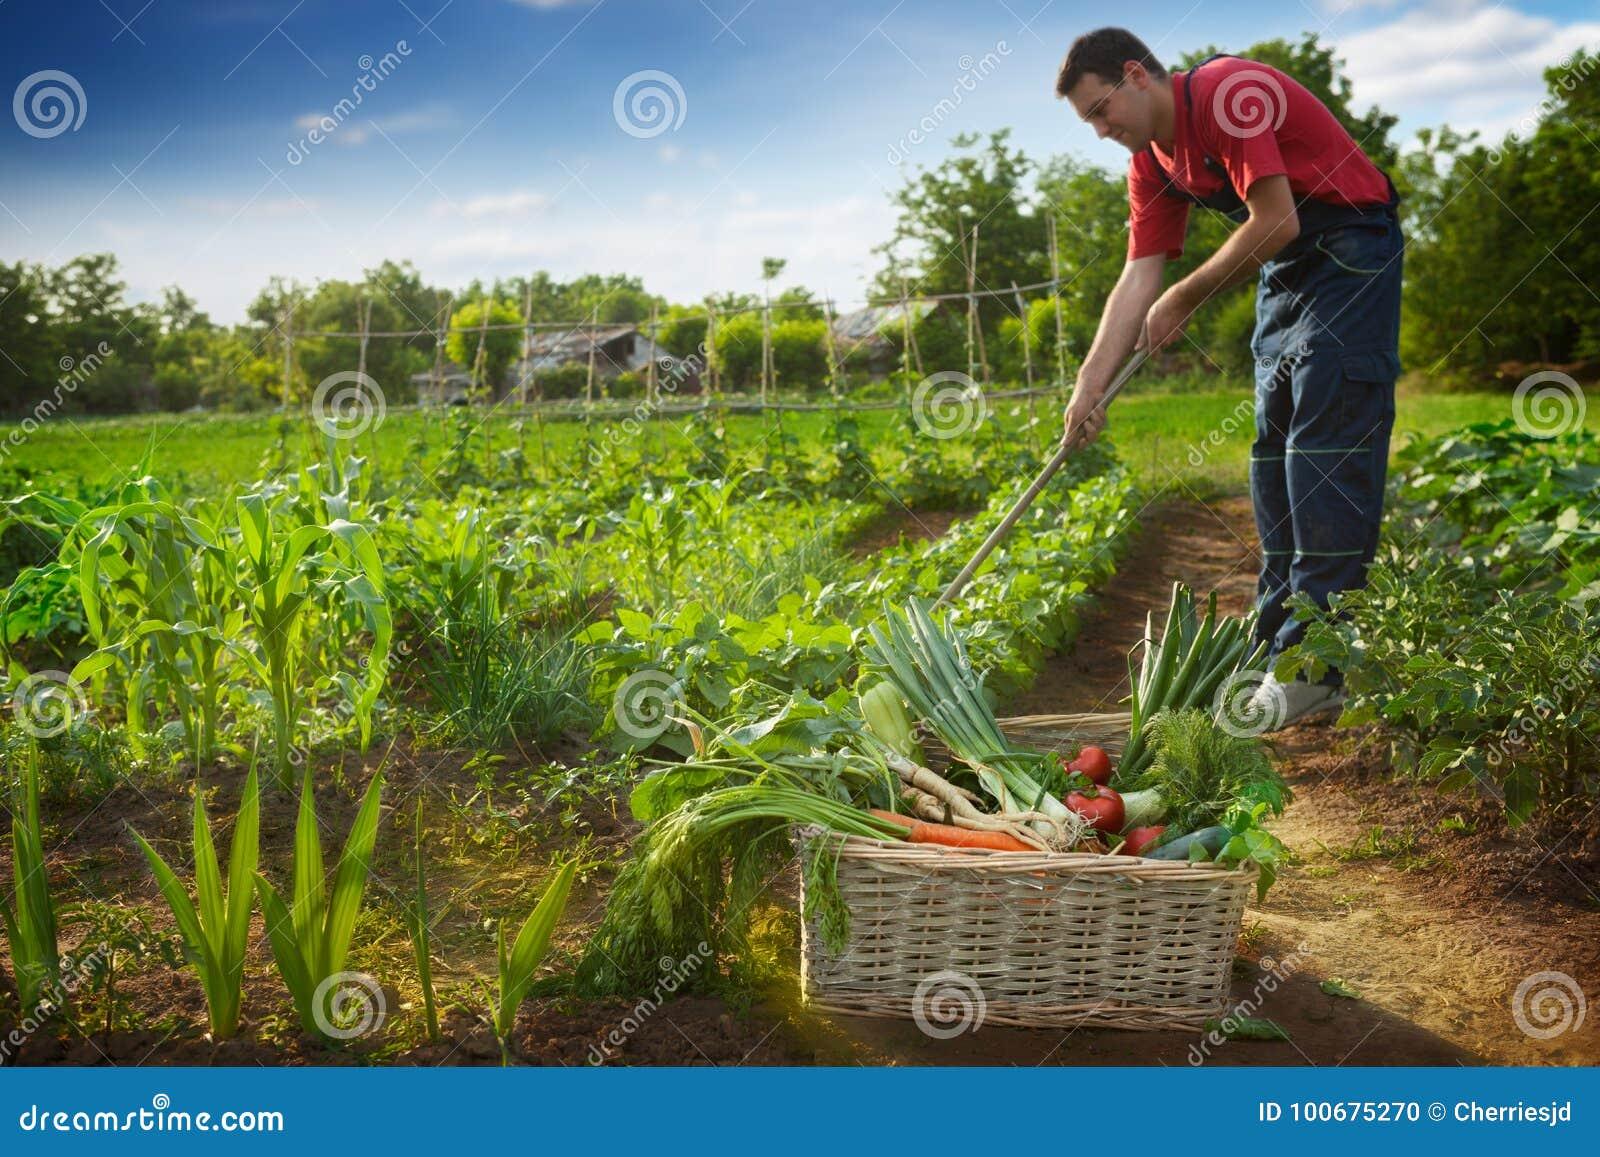 Homme travaillant dans le jardin photo stock image du for Dans le jardin